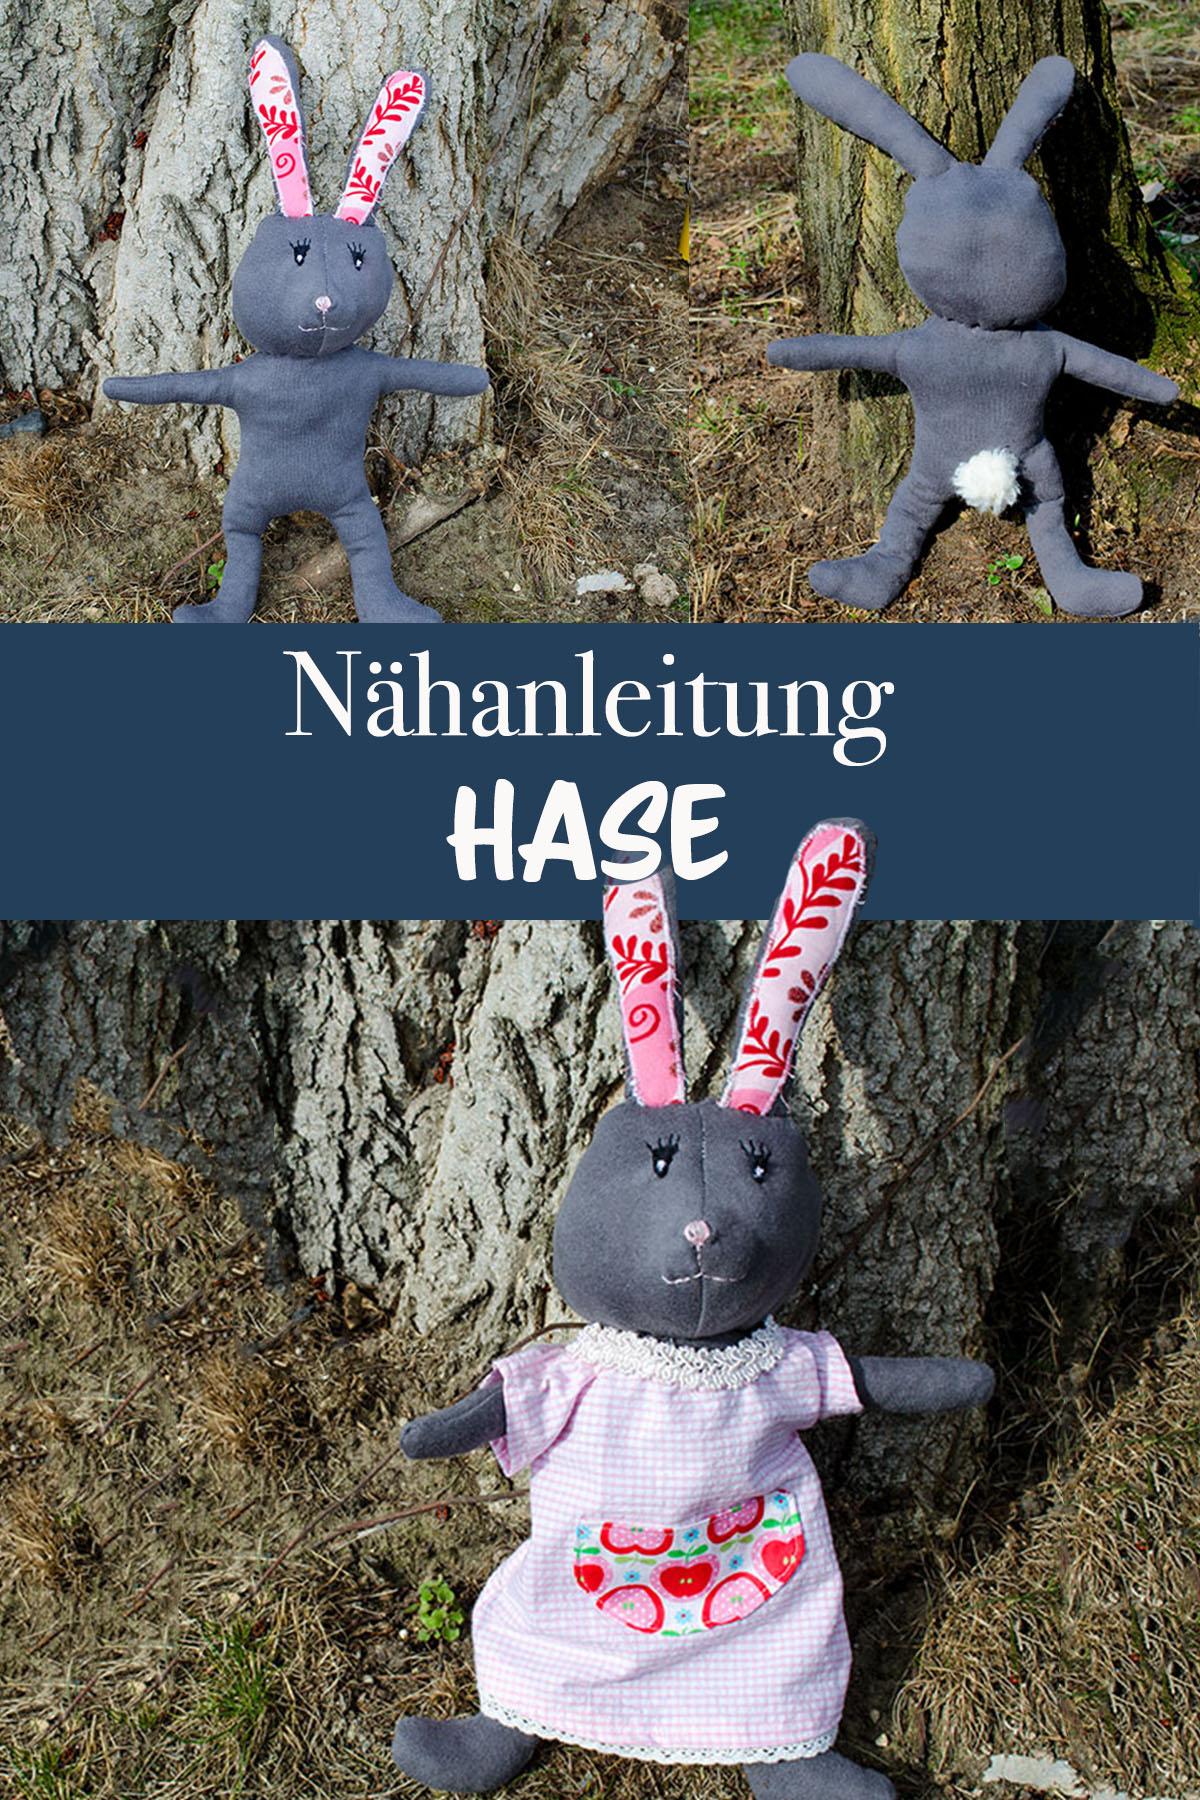 naehanleitung_hase_schnittmuster_funkelfaden